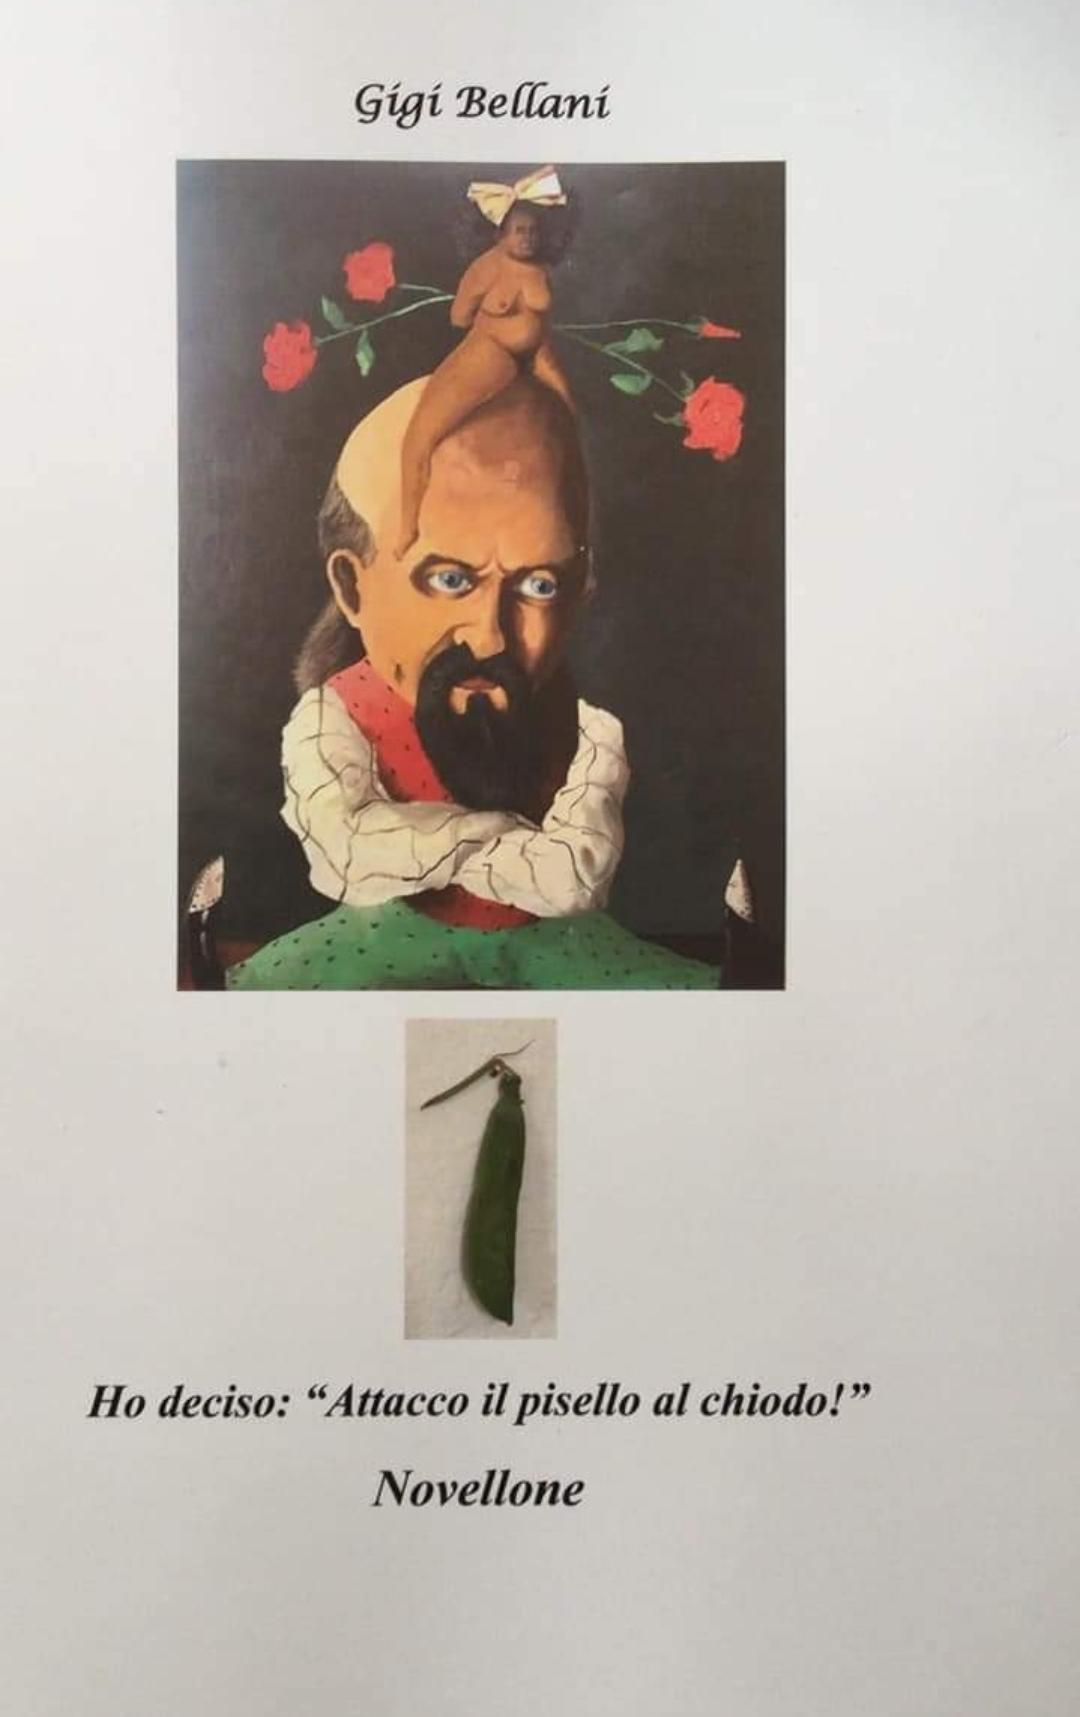 Clamoroso nel Granducato del Tortello: arriva l'autobiografia romanzata e politicamente scorretta di Gigi Bellani, Leghista PopIndipendente